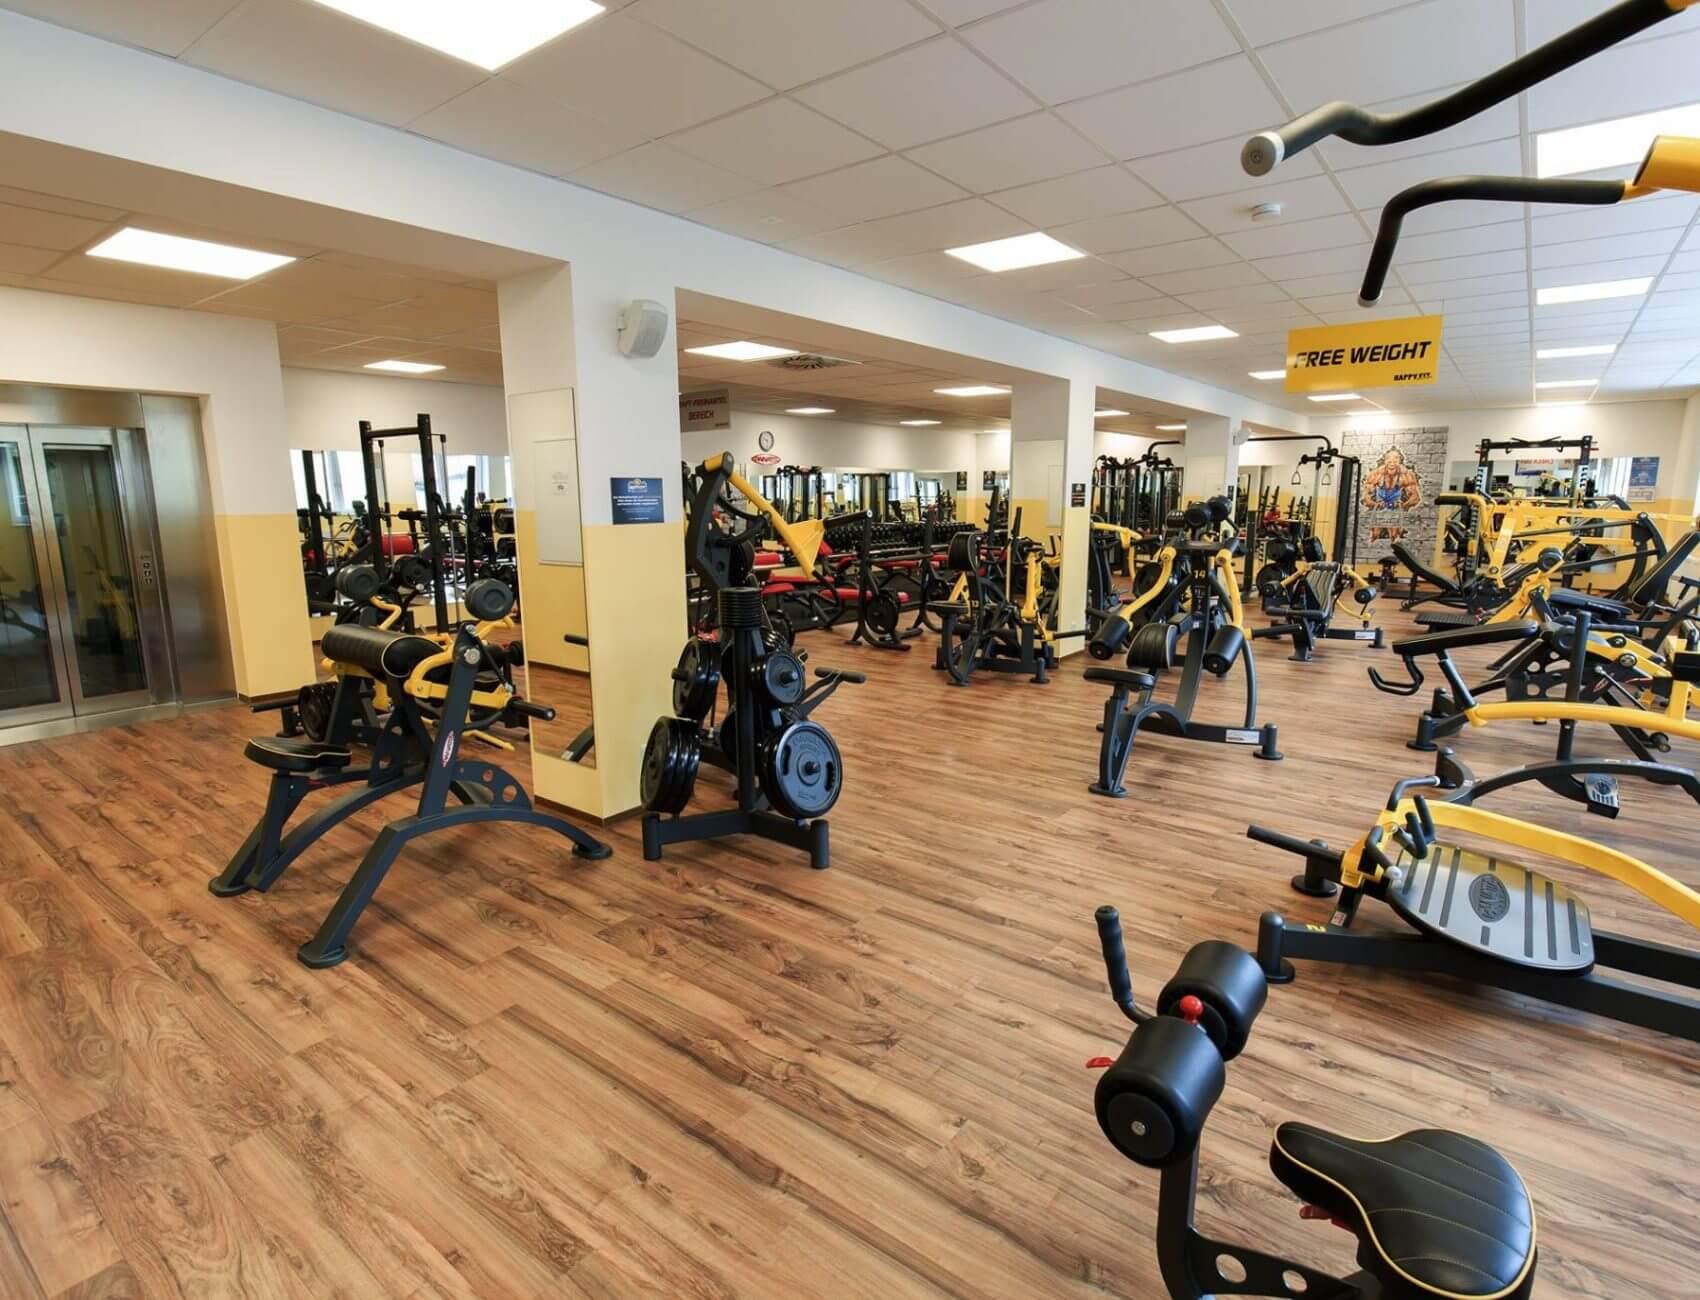 Galerie echipamente fitness 2014 - 8